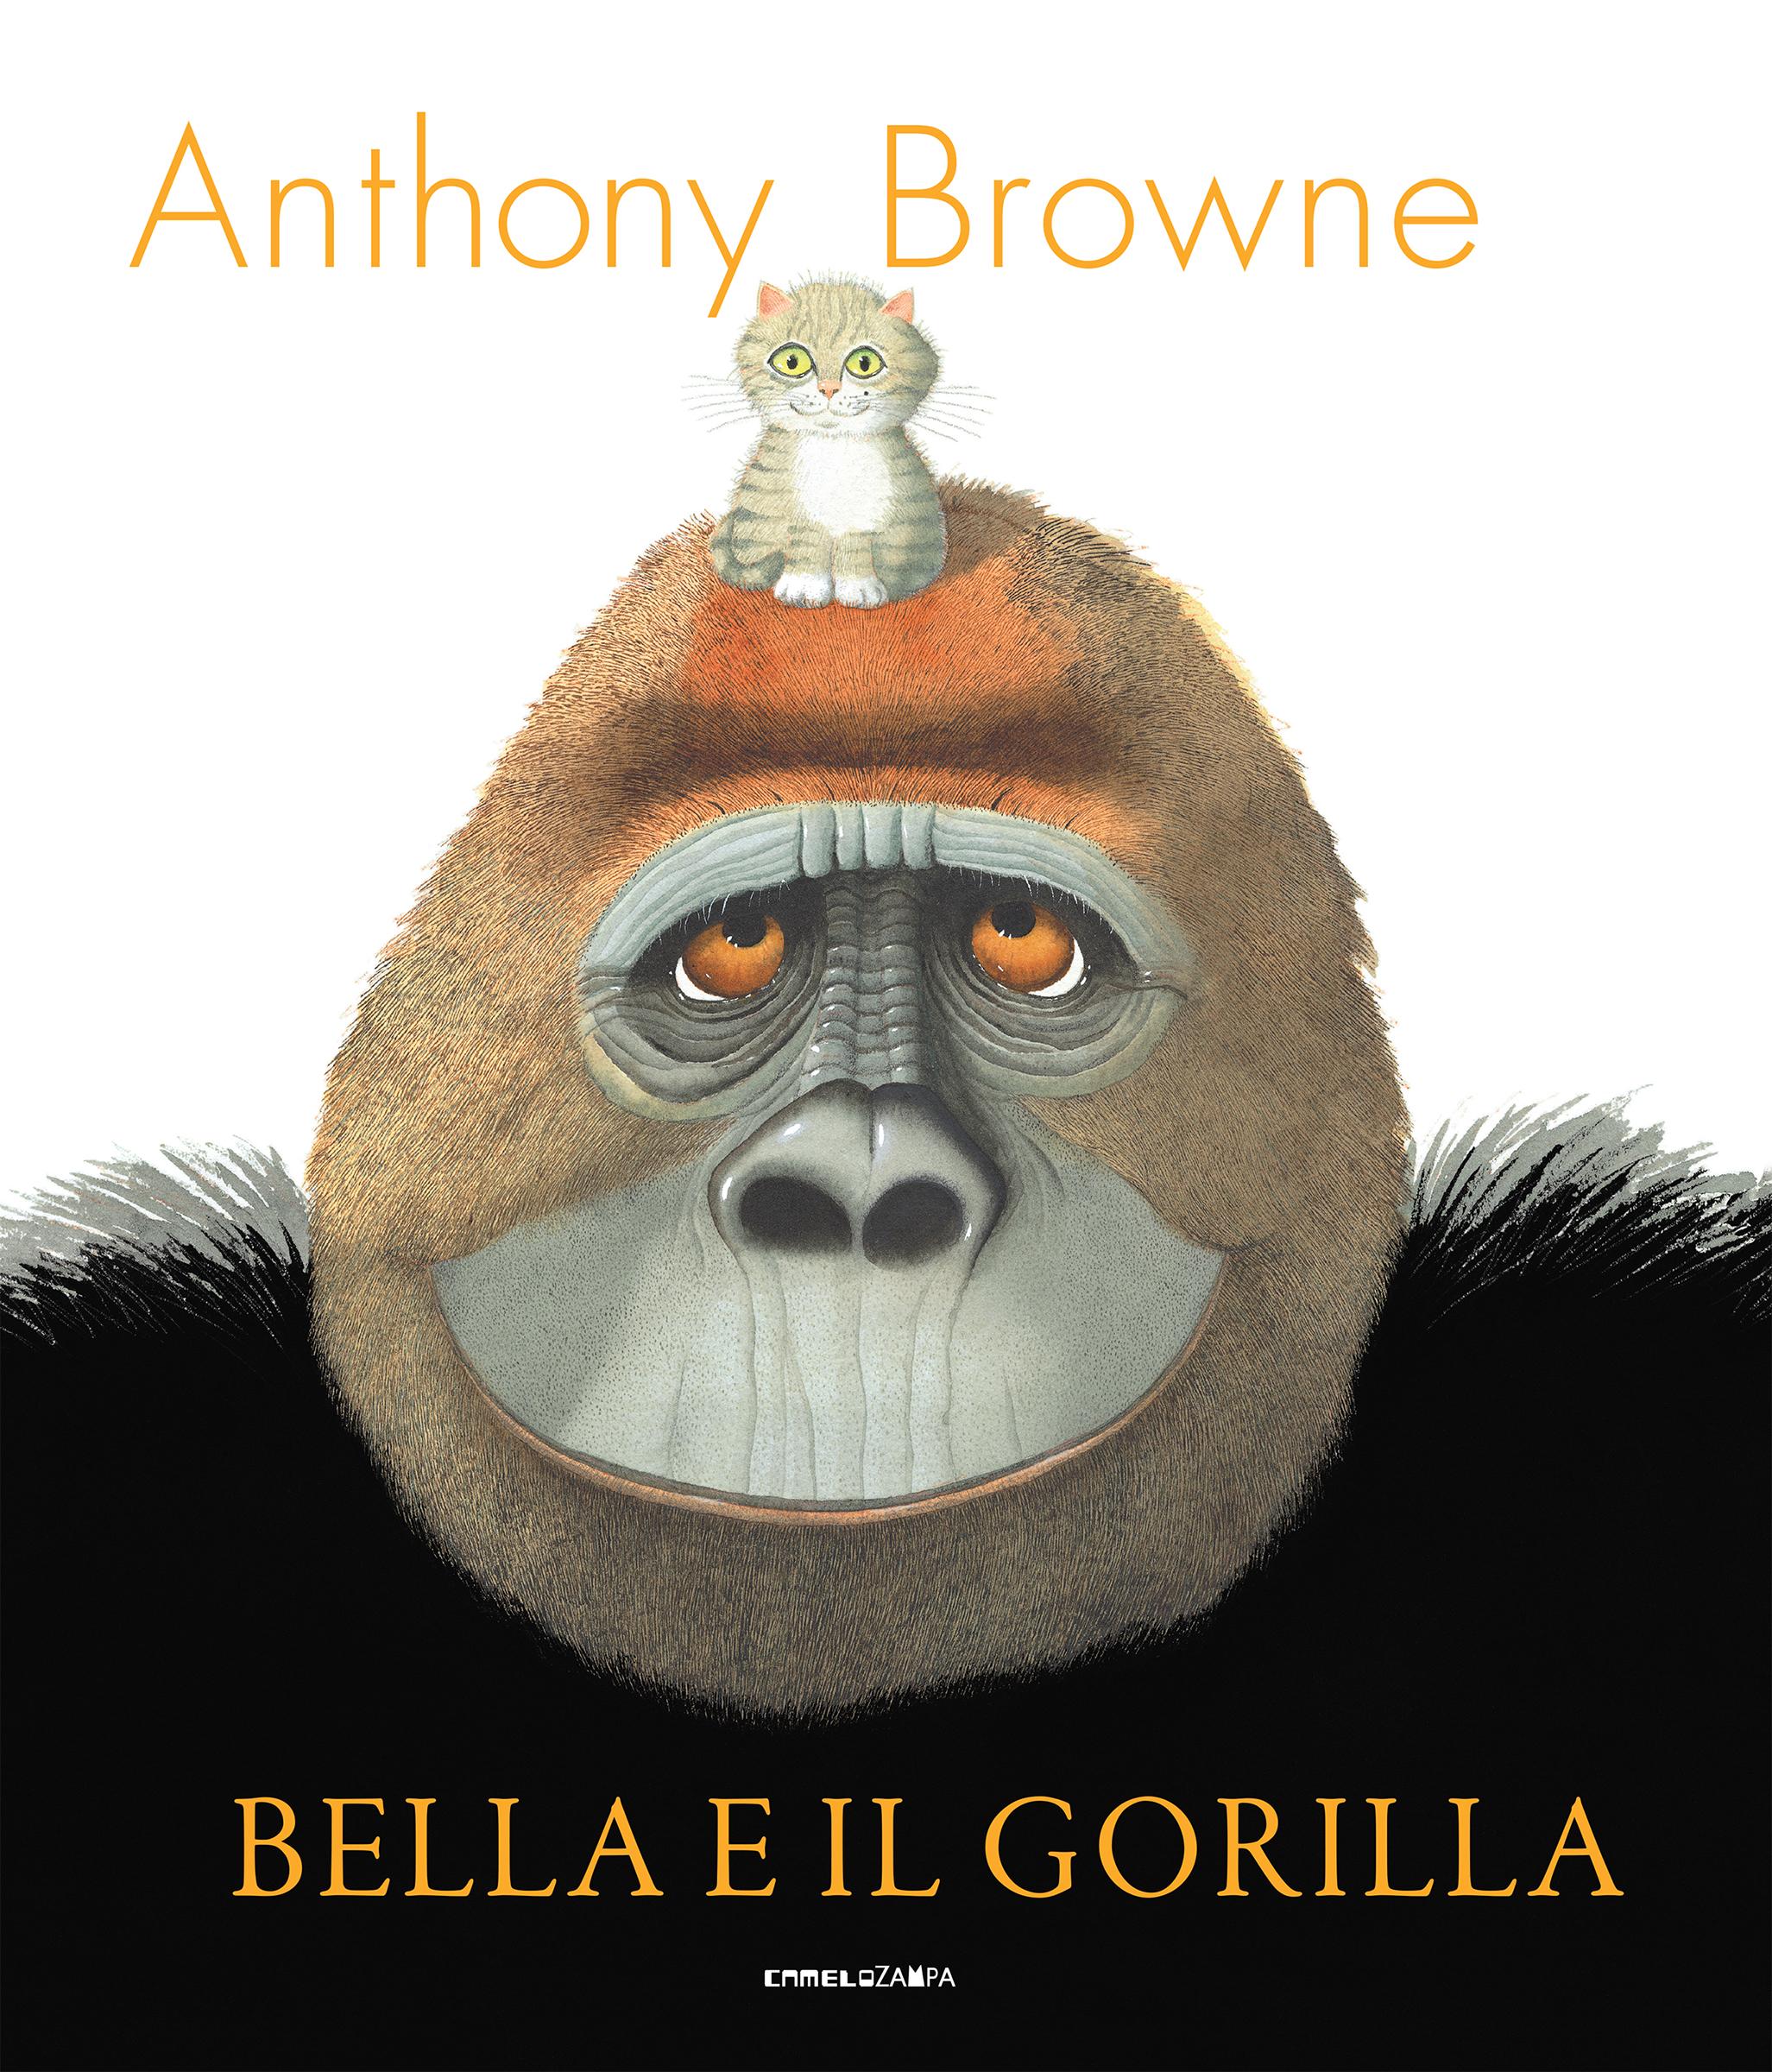 Bella e il gorilla